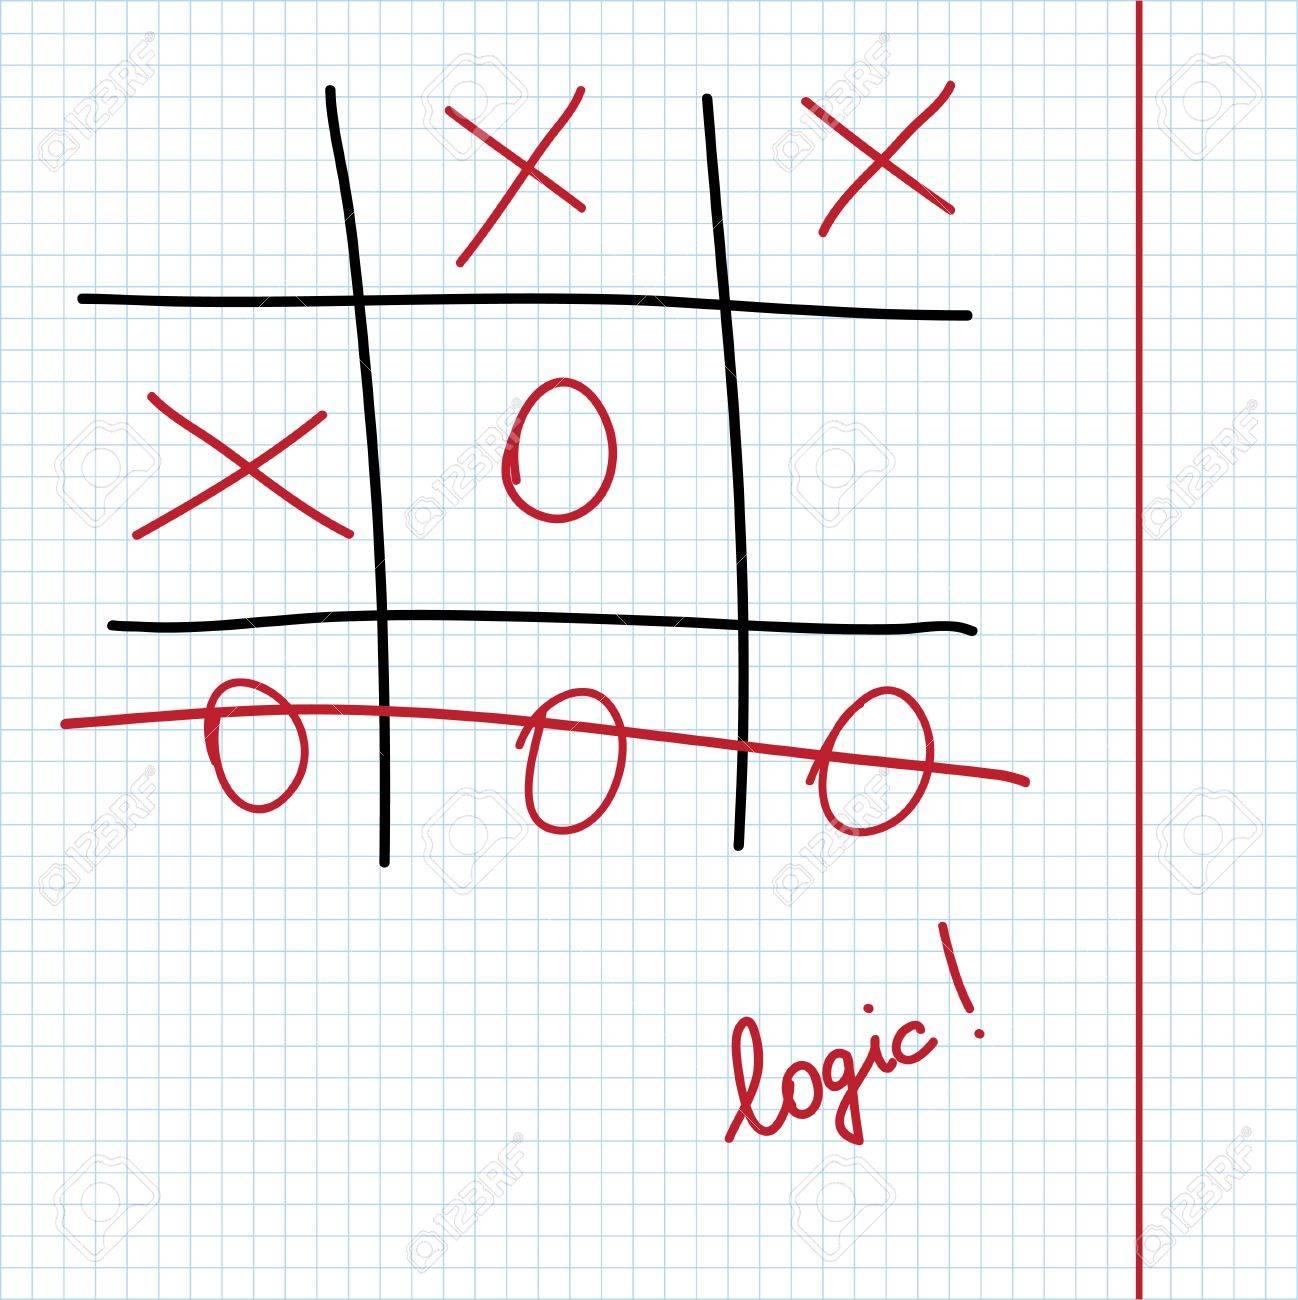 Juego Logico Tic Tac Toe En La Hoja De Papel De Cuaderno